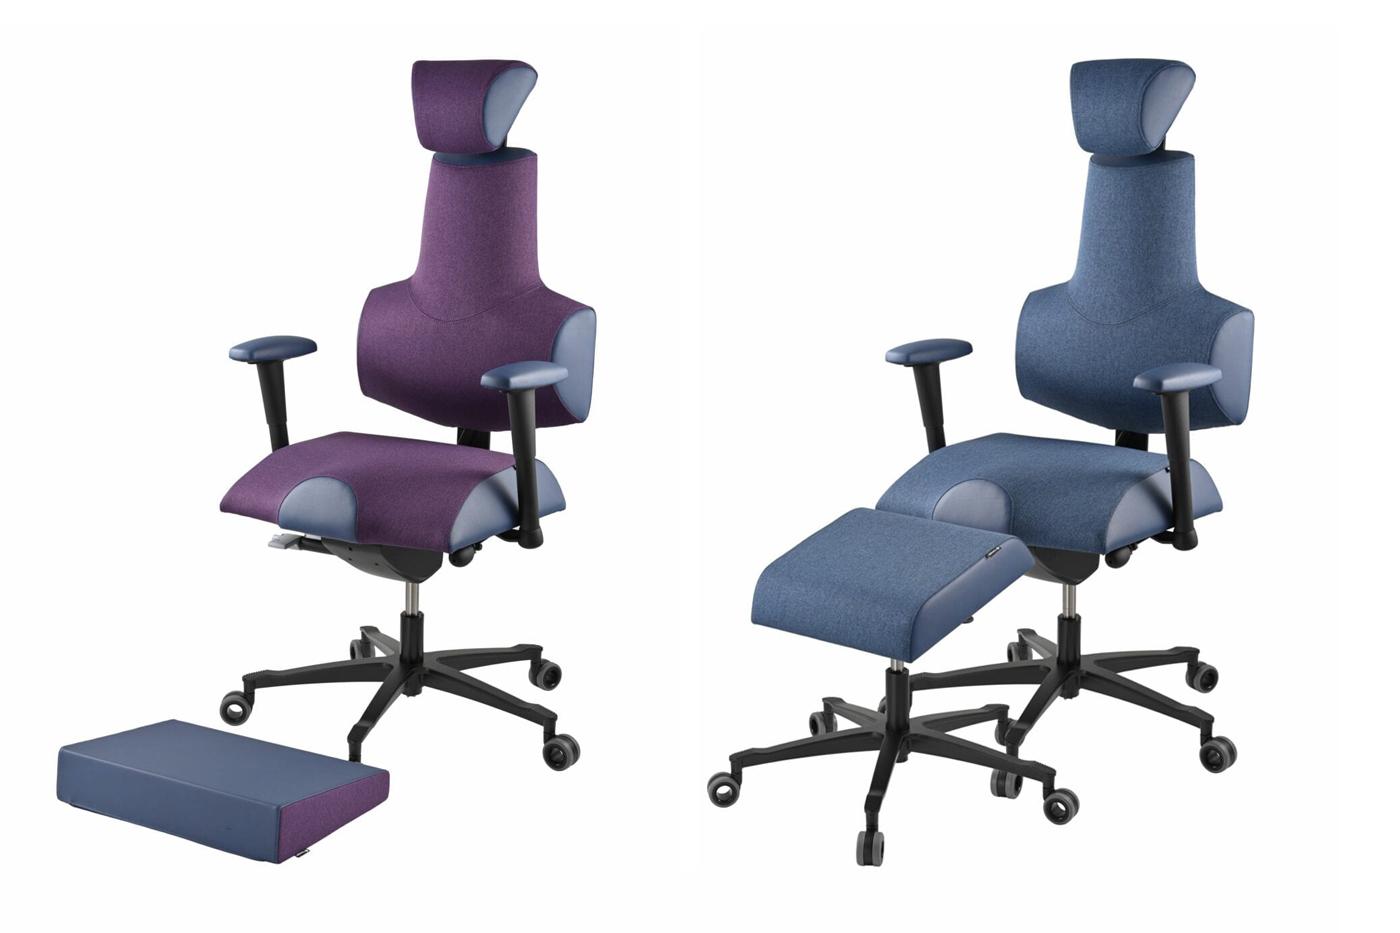 Kancelářská židle Therapia Sense, různé doplňky.